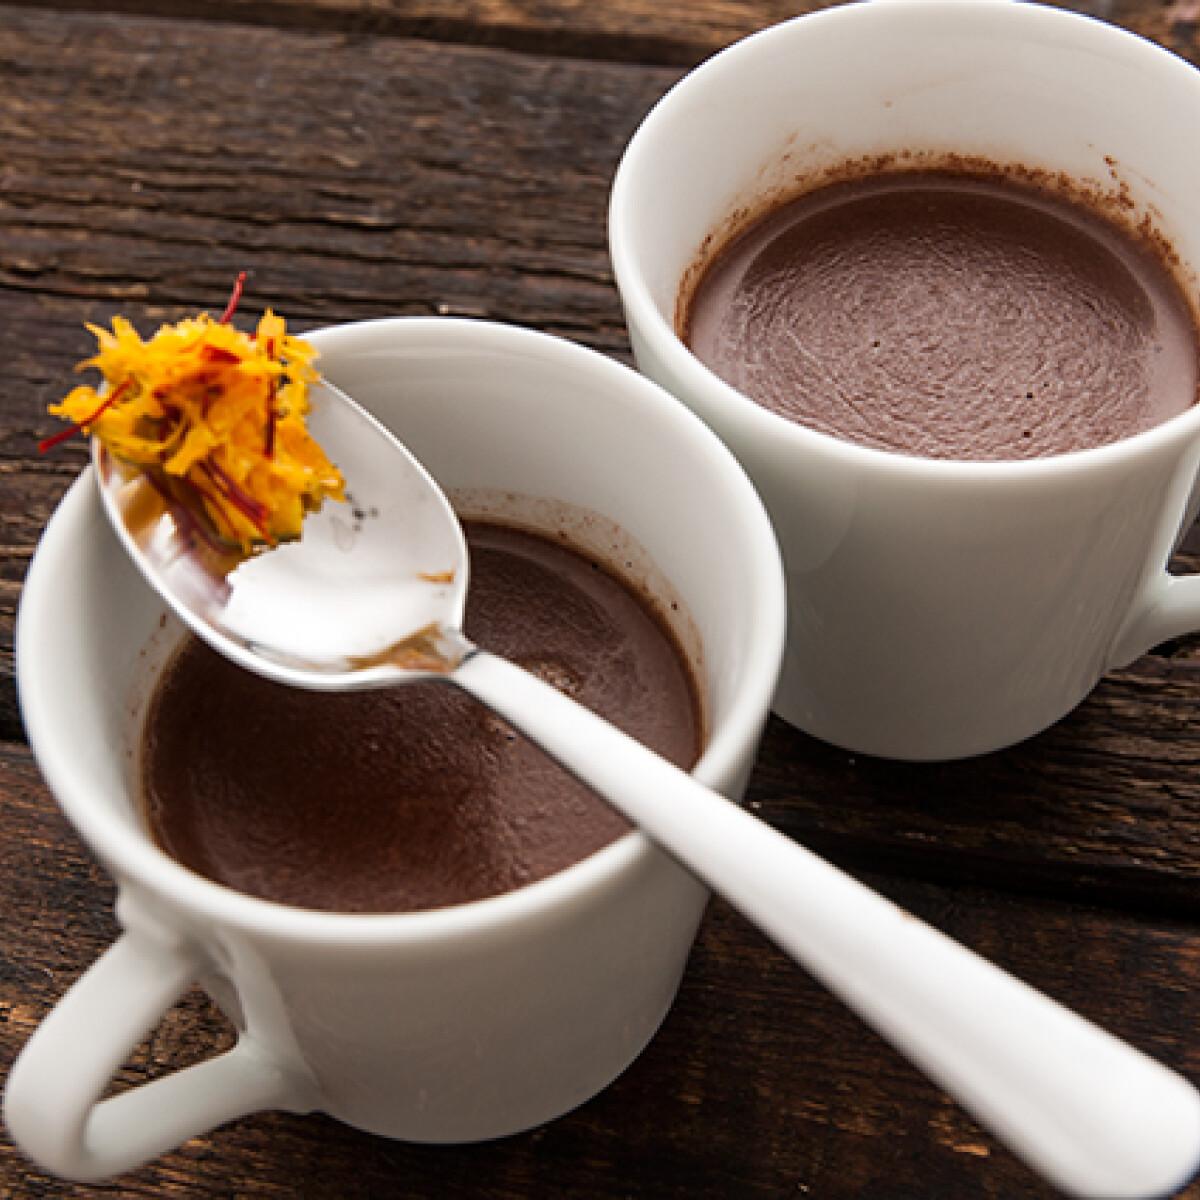 Ezen a képen: Lélekmelegítő forró csoki